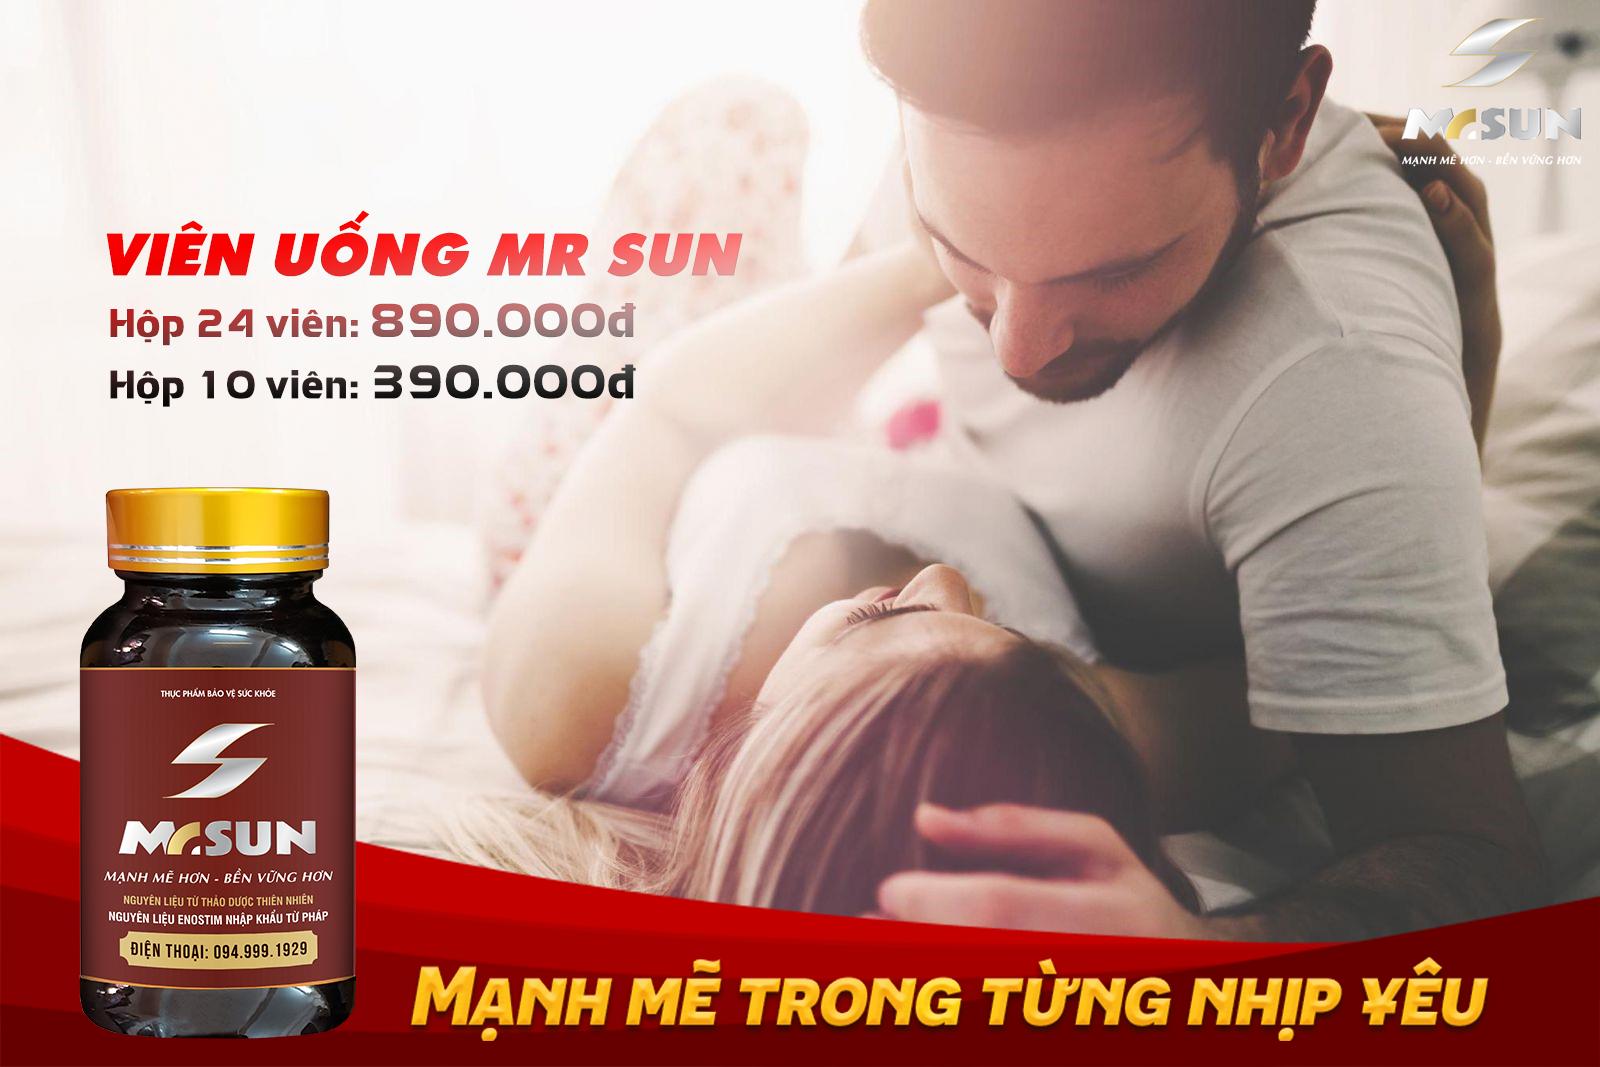 TPBVSK Mr Sun đang được bán với giá 890.000 VNĐ cho một hộp sản phẩm 24 viên, và 390.000 VNĐ cho một hộp sản phẩm 10 viên